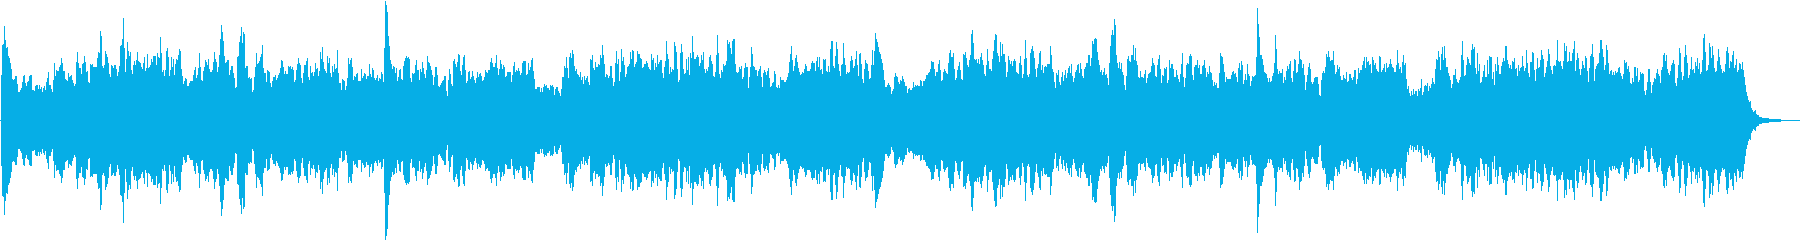 極上ヒーリングミュージック、これ眠れますの再生済みの波形